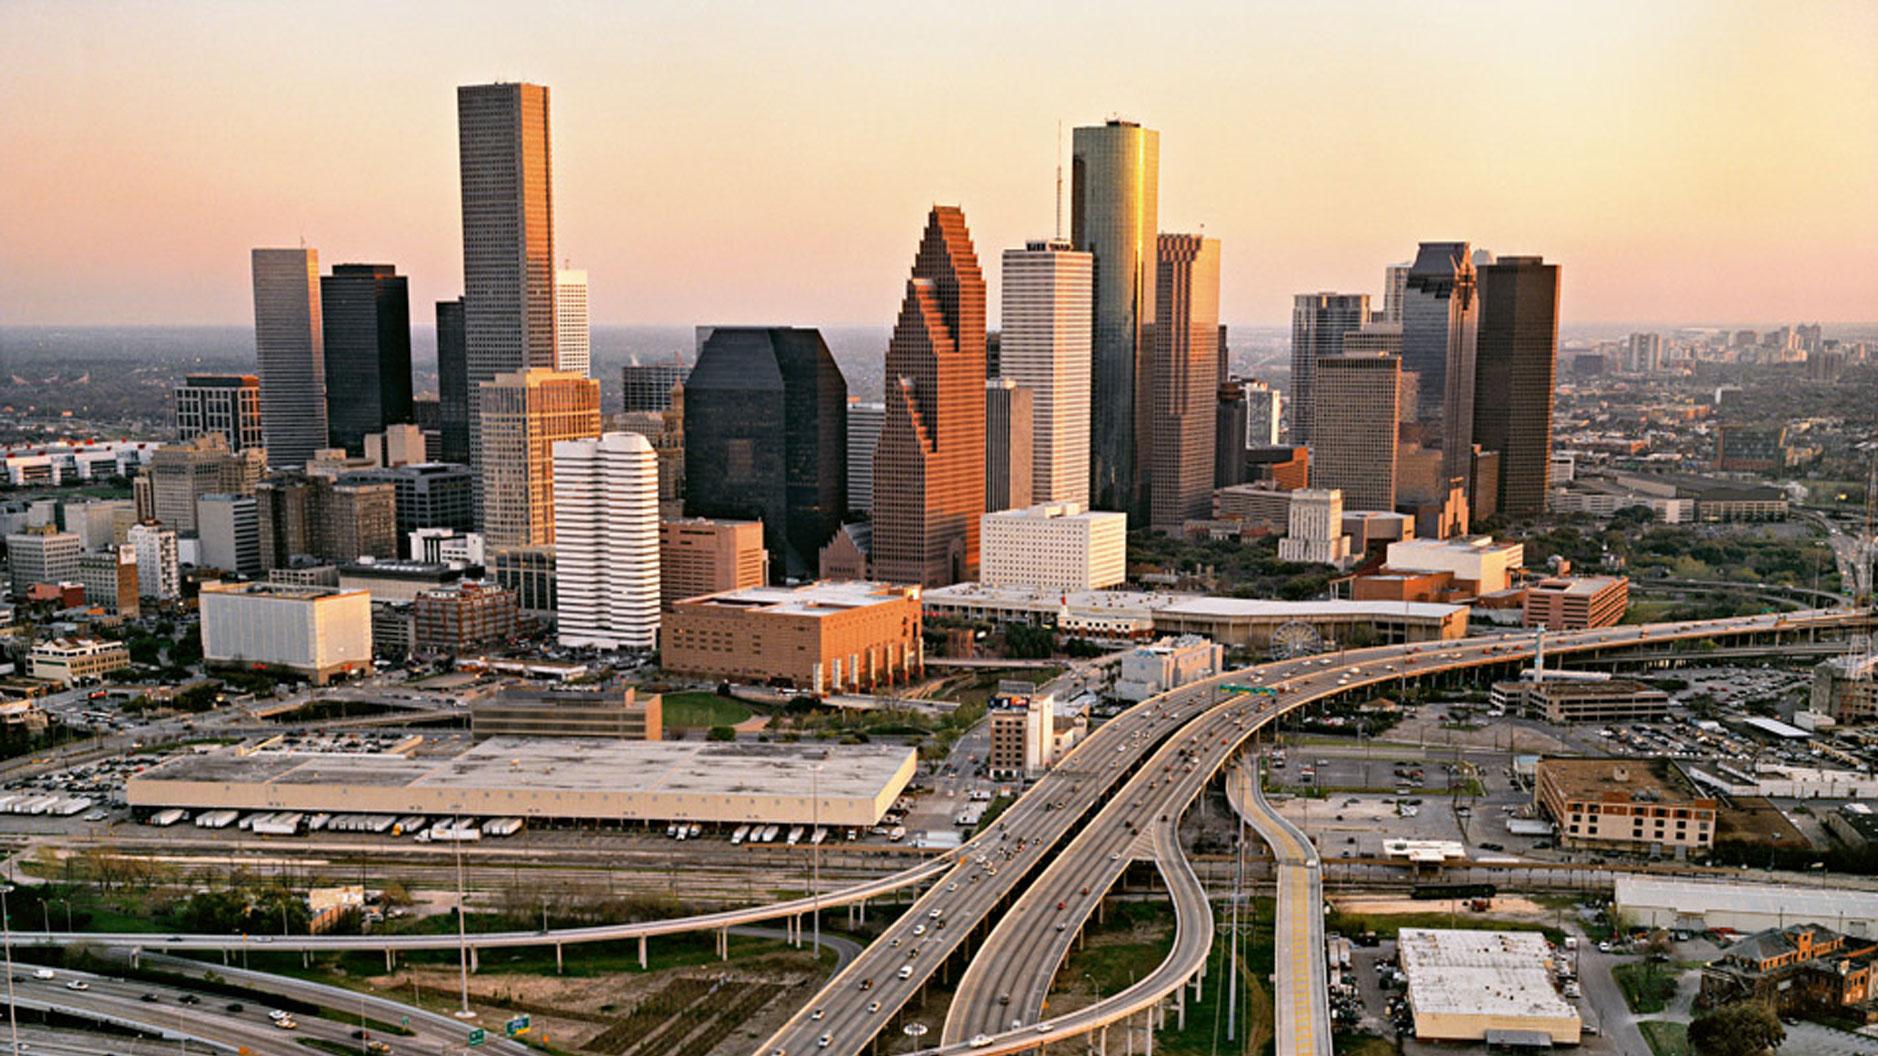 Хьюстон - самый густонаселенный город Техаса. Фото: thinglink.com